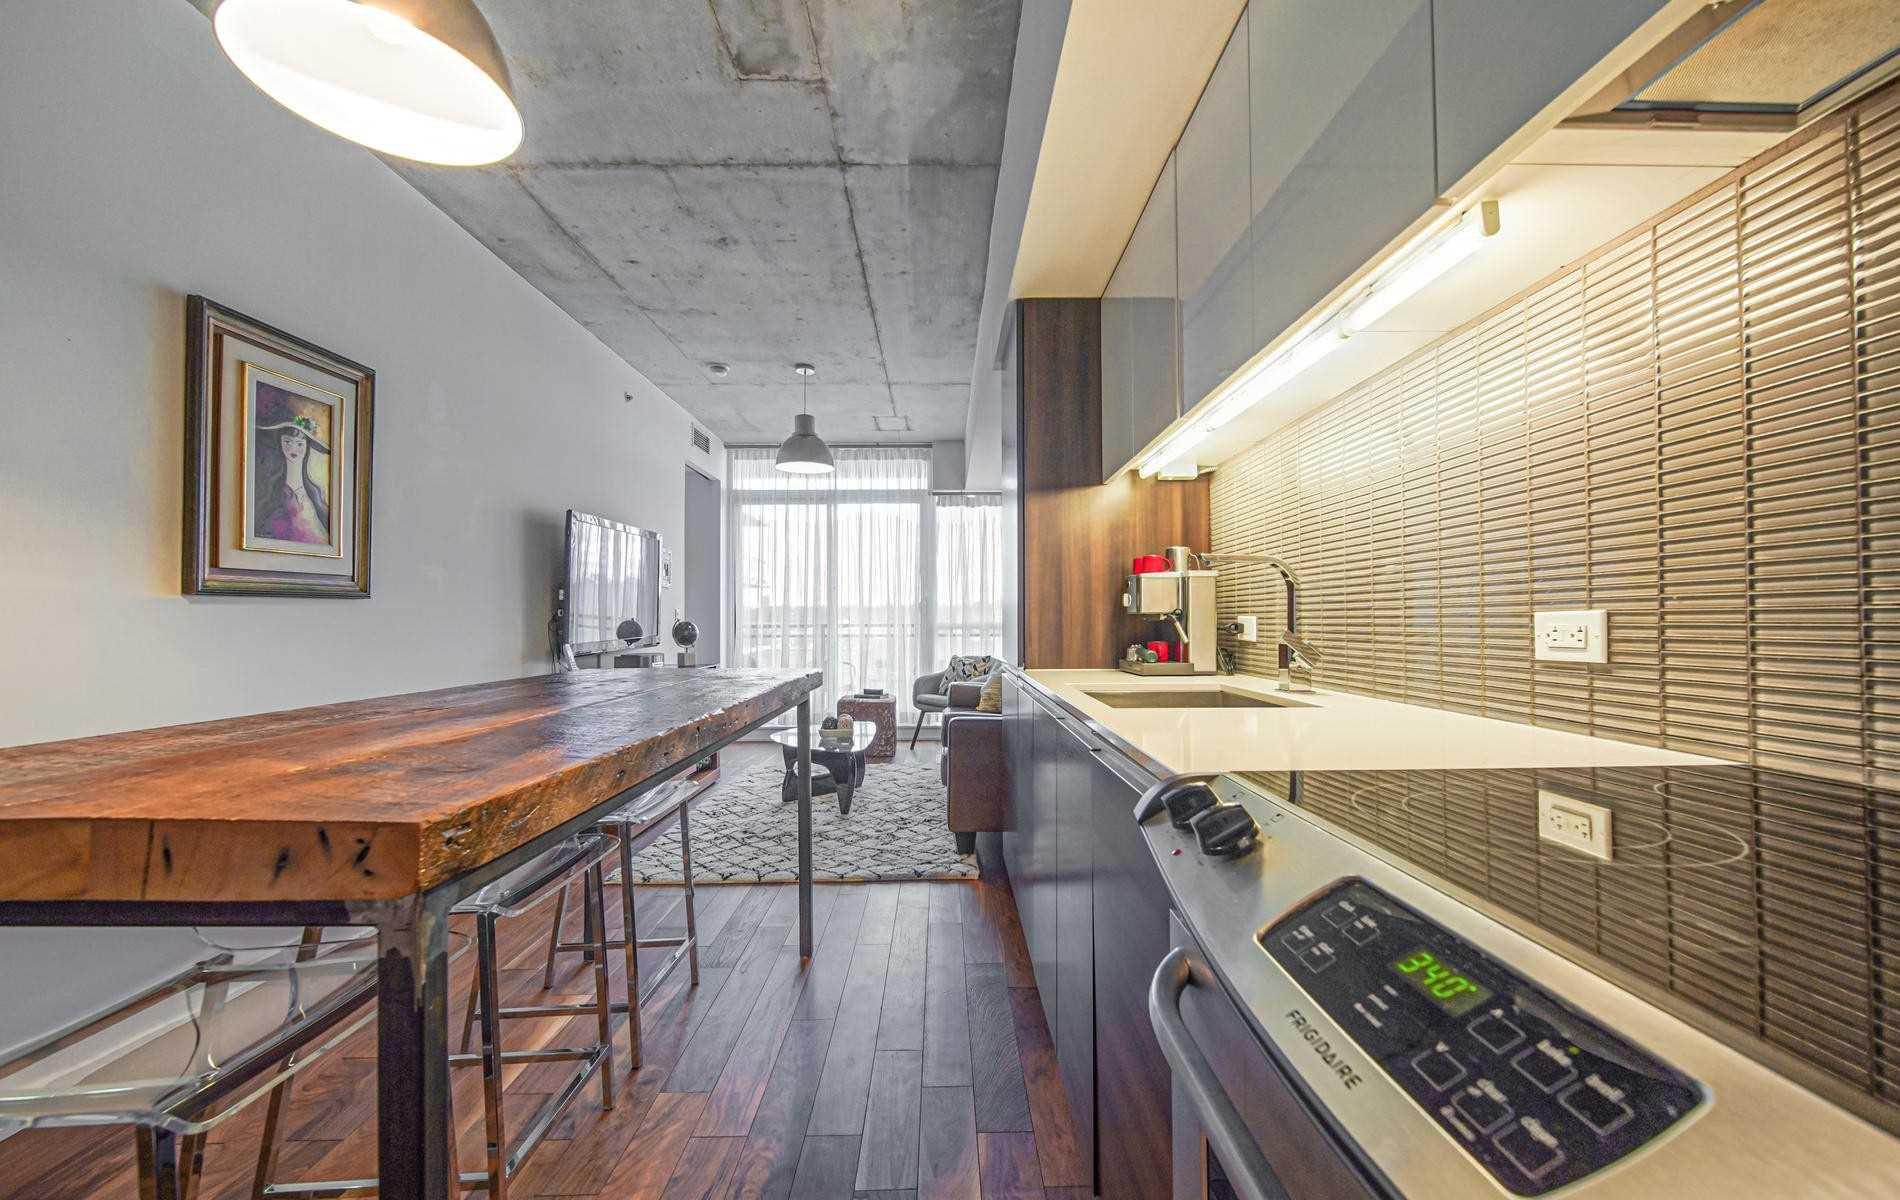 Photo 5: Photos: 702 1190 E Dundas Street in Toronto: South Riverdale Condo for sale (Toronto E01)  : MLS®# E4766173